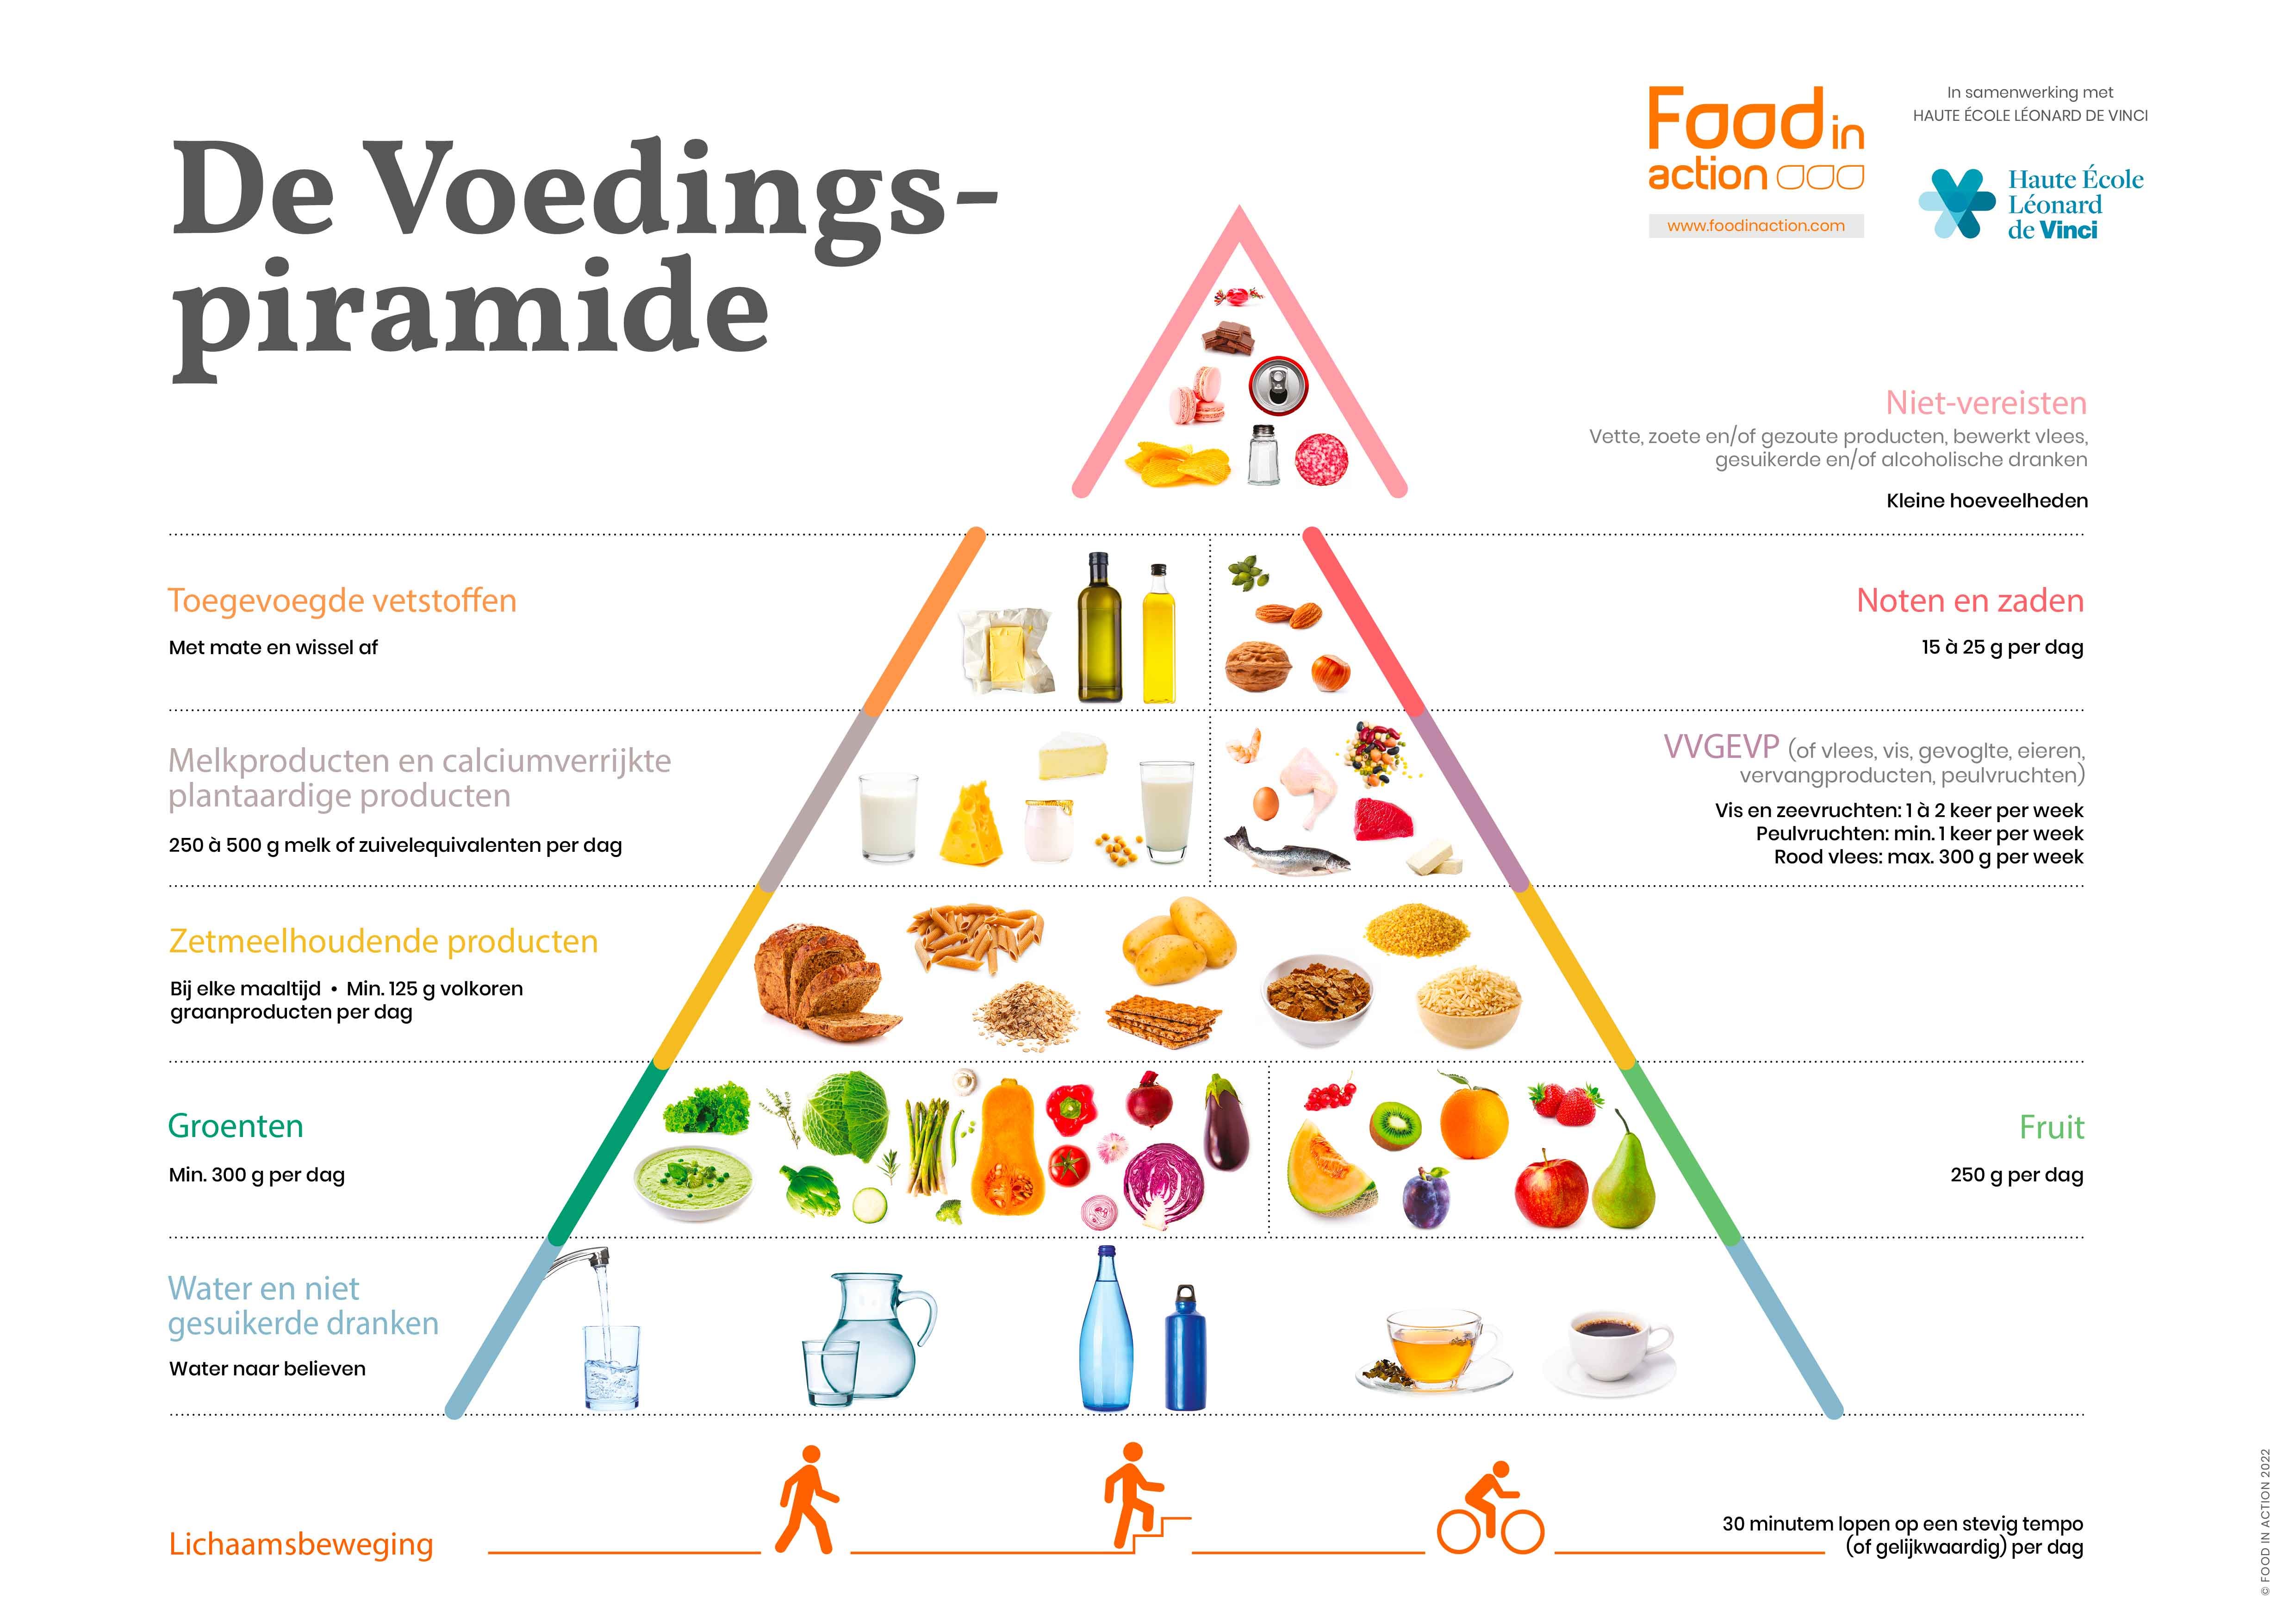 voedingspiramide-groepen-aanbevelingen